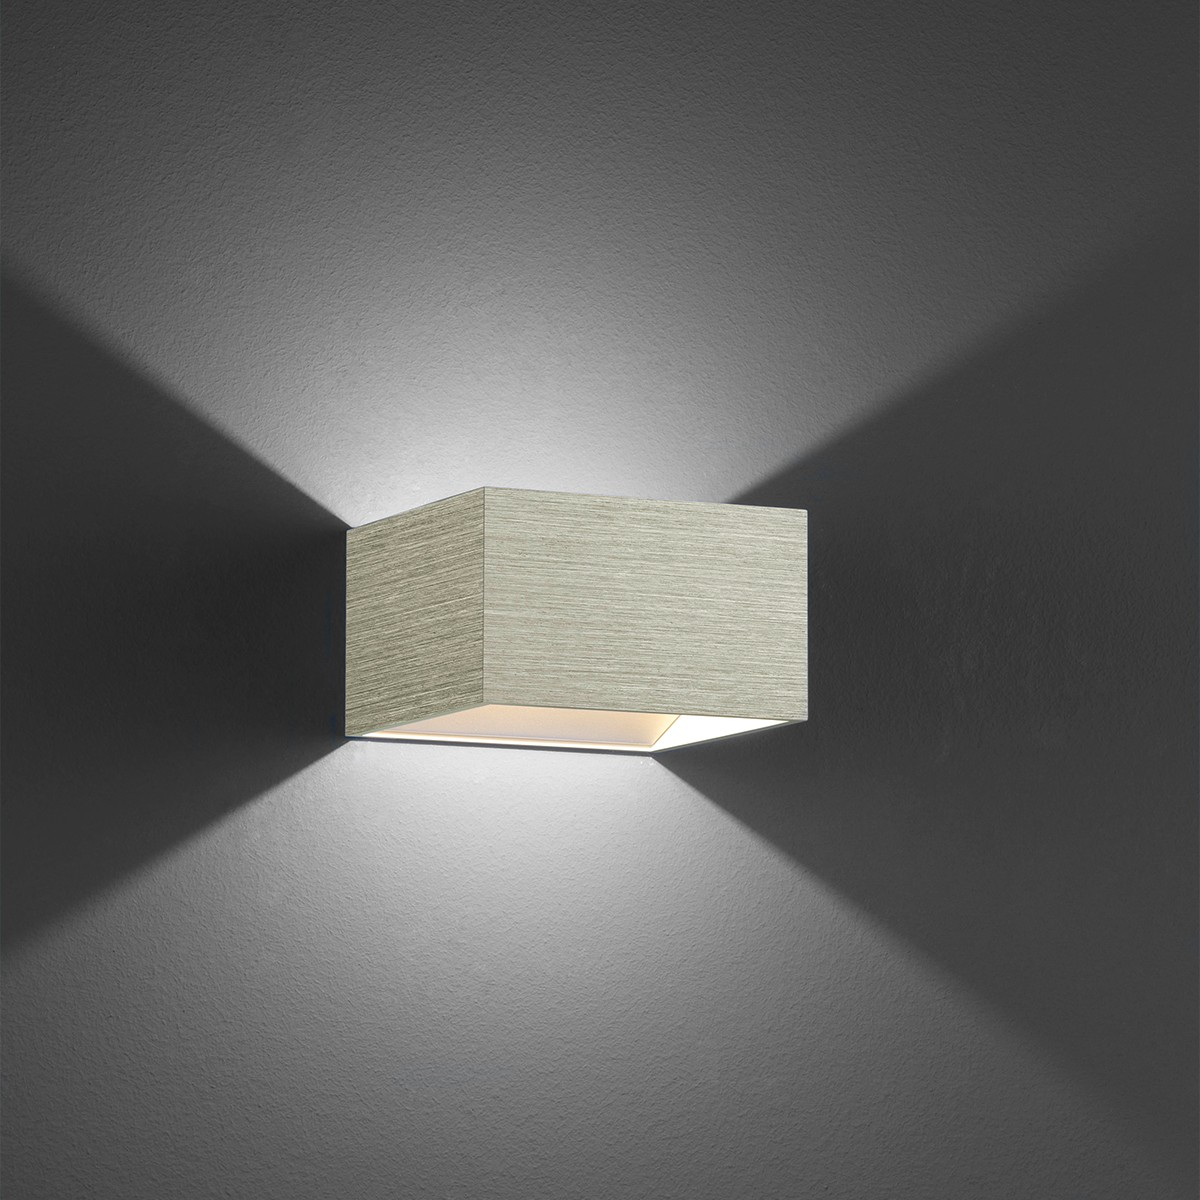 B-Leuchten Cube Wandleuchte, hellgrau eloxiert